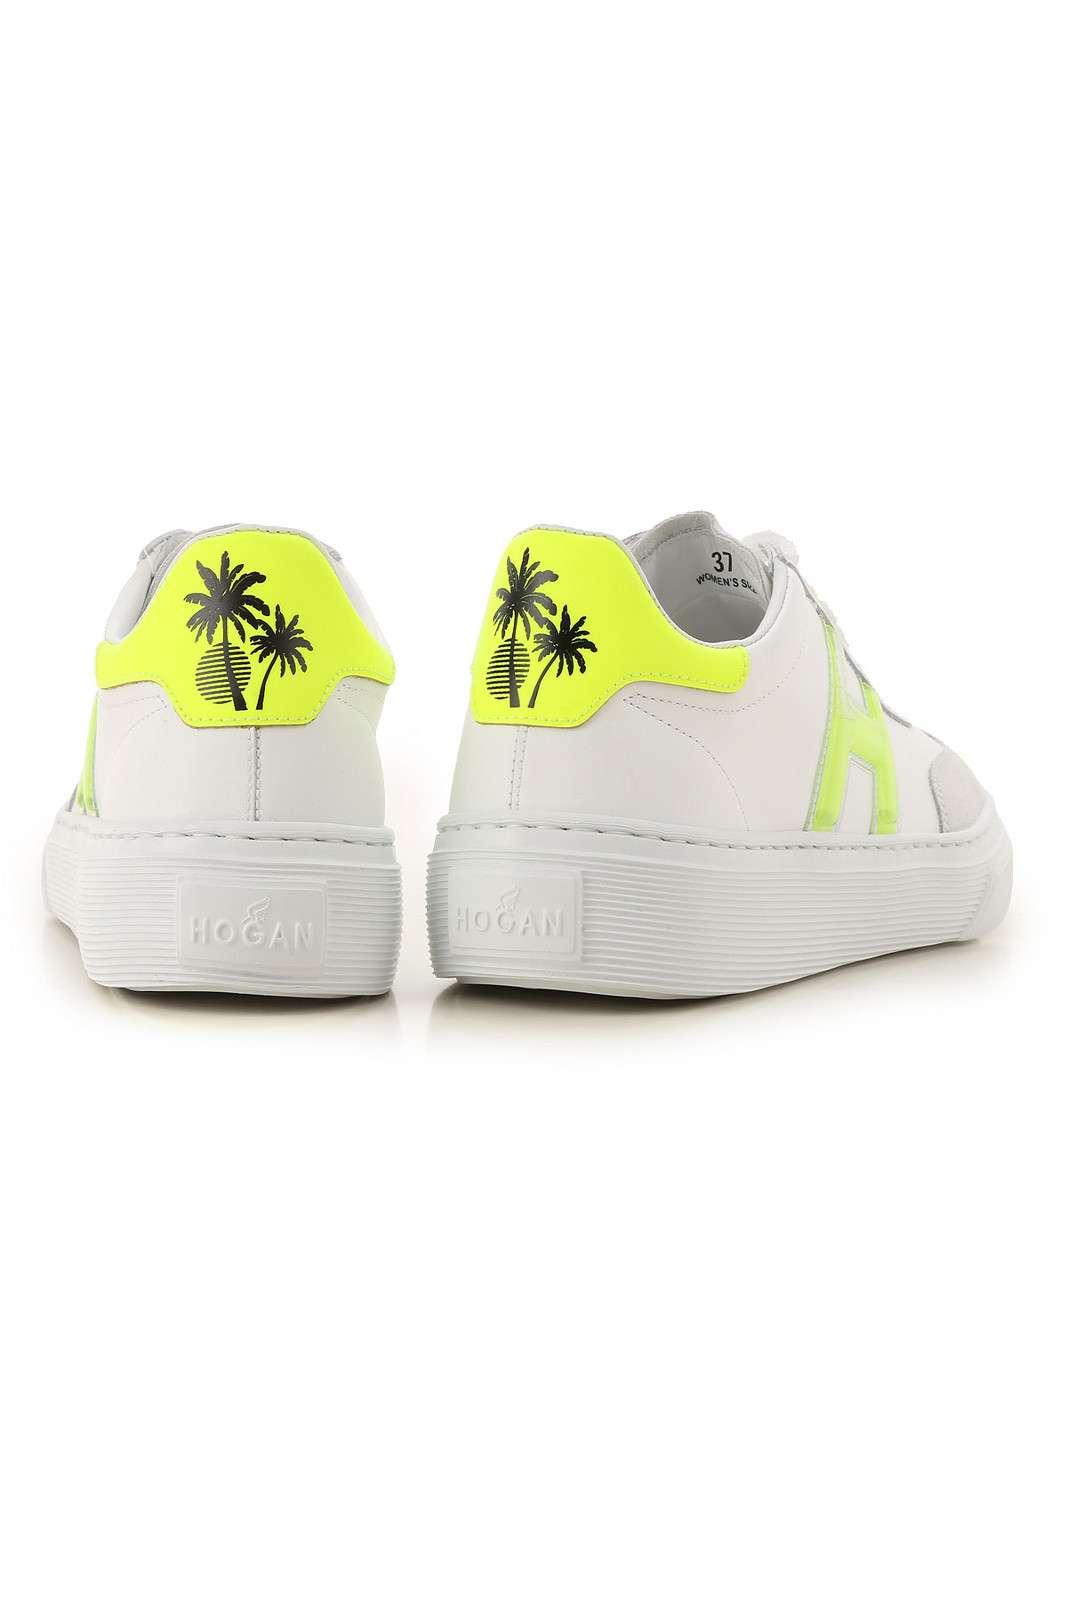 Hogan Sneakers Donna | Ultima Collezione | Parmax